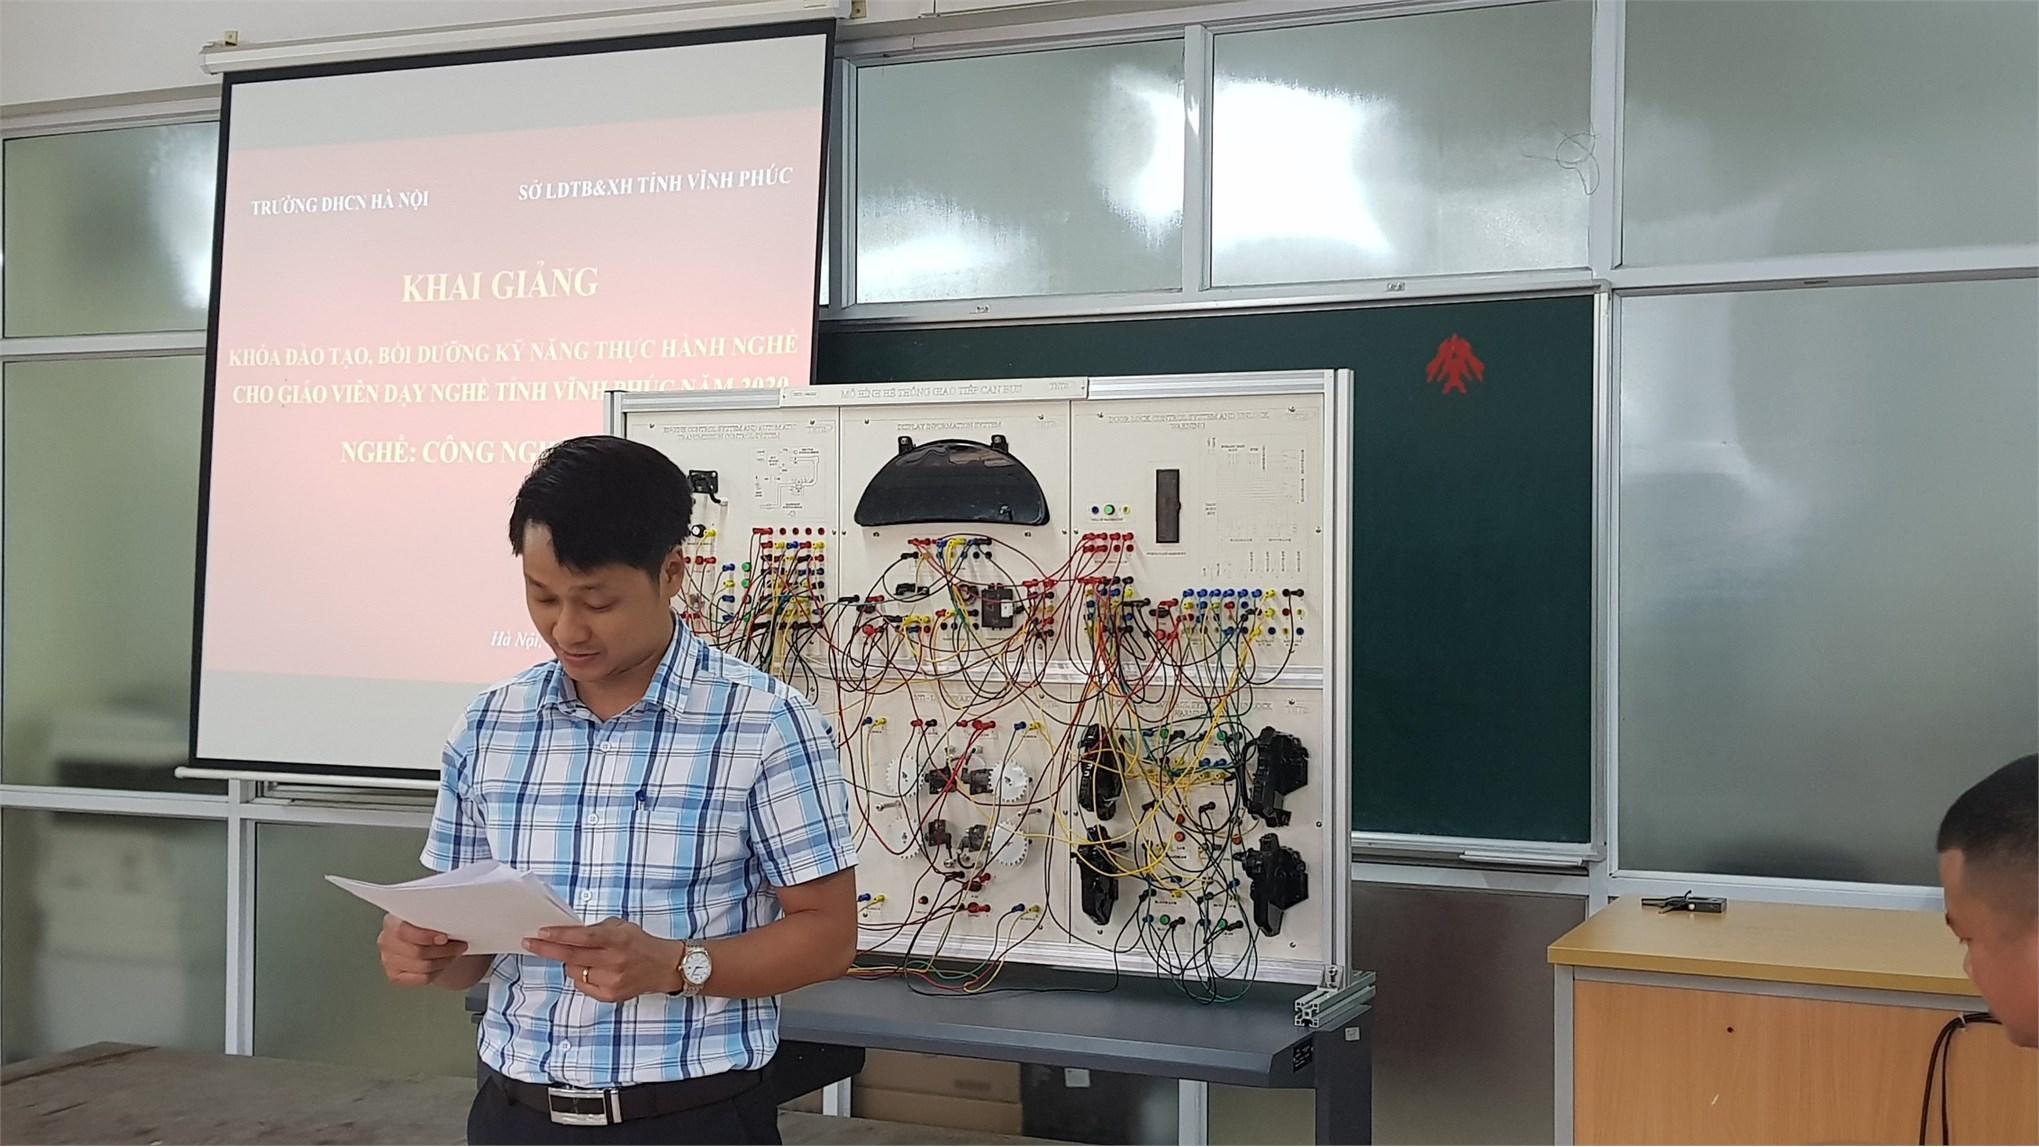 Khai giảng lớp bồi dưỡng, đánh giá kỹ năng thực hành nghề nghiệp cho giáo viên dạy nghề tỉnh Vĩnh phúc năm 2020 ngành công nghệ ôtô